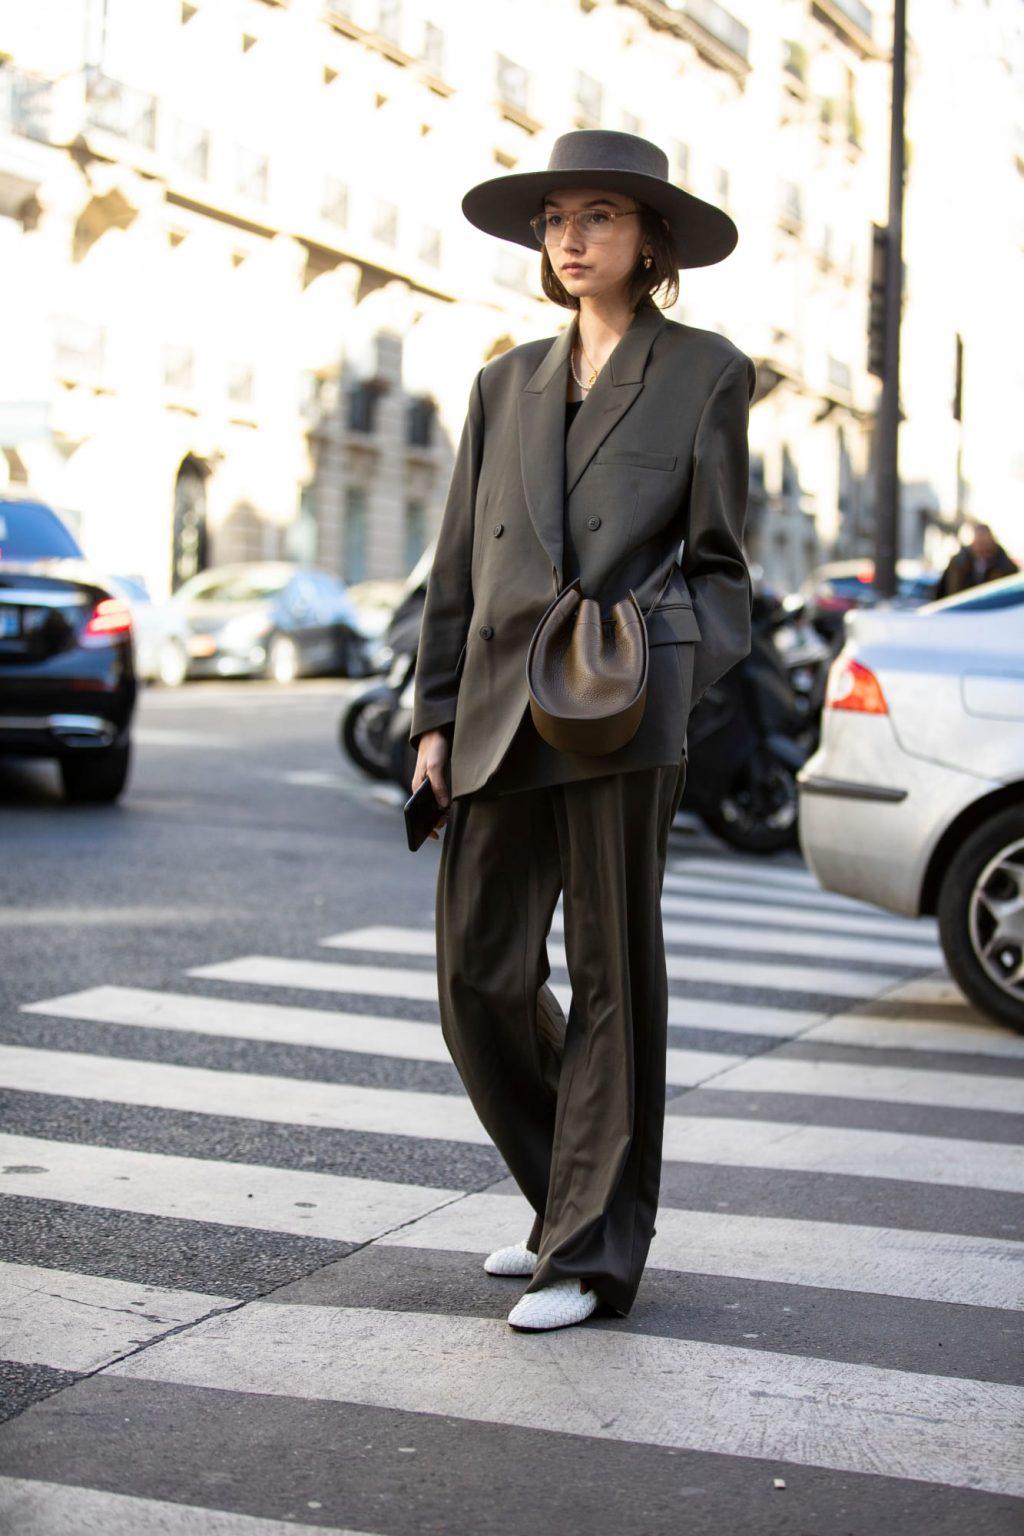 """xu hướng thời trang đường phố hứa hẹn sẽ """"khuấy động"""" làng mốt 21"""